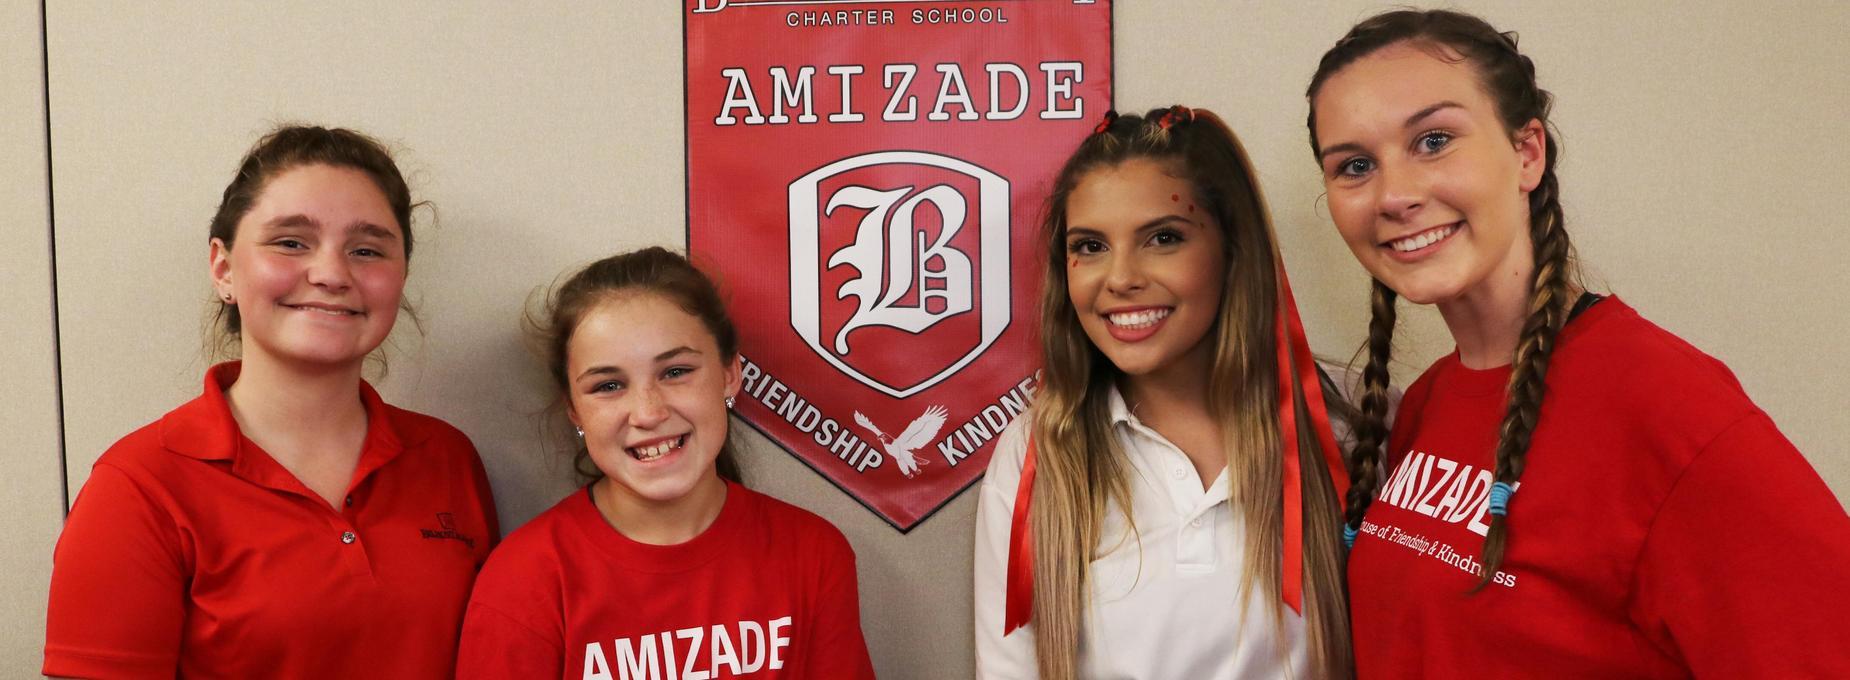 Amizade House